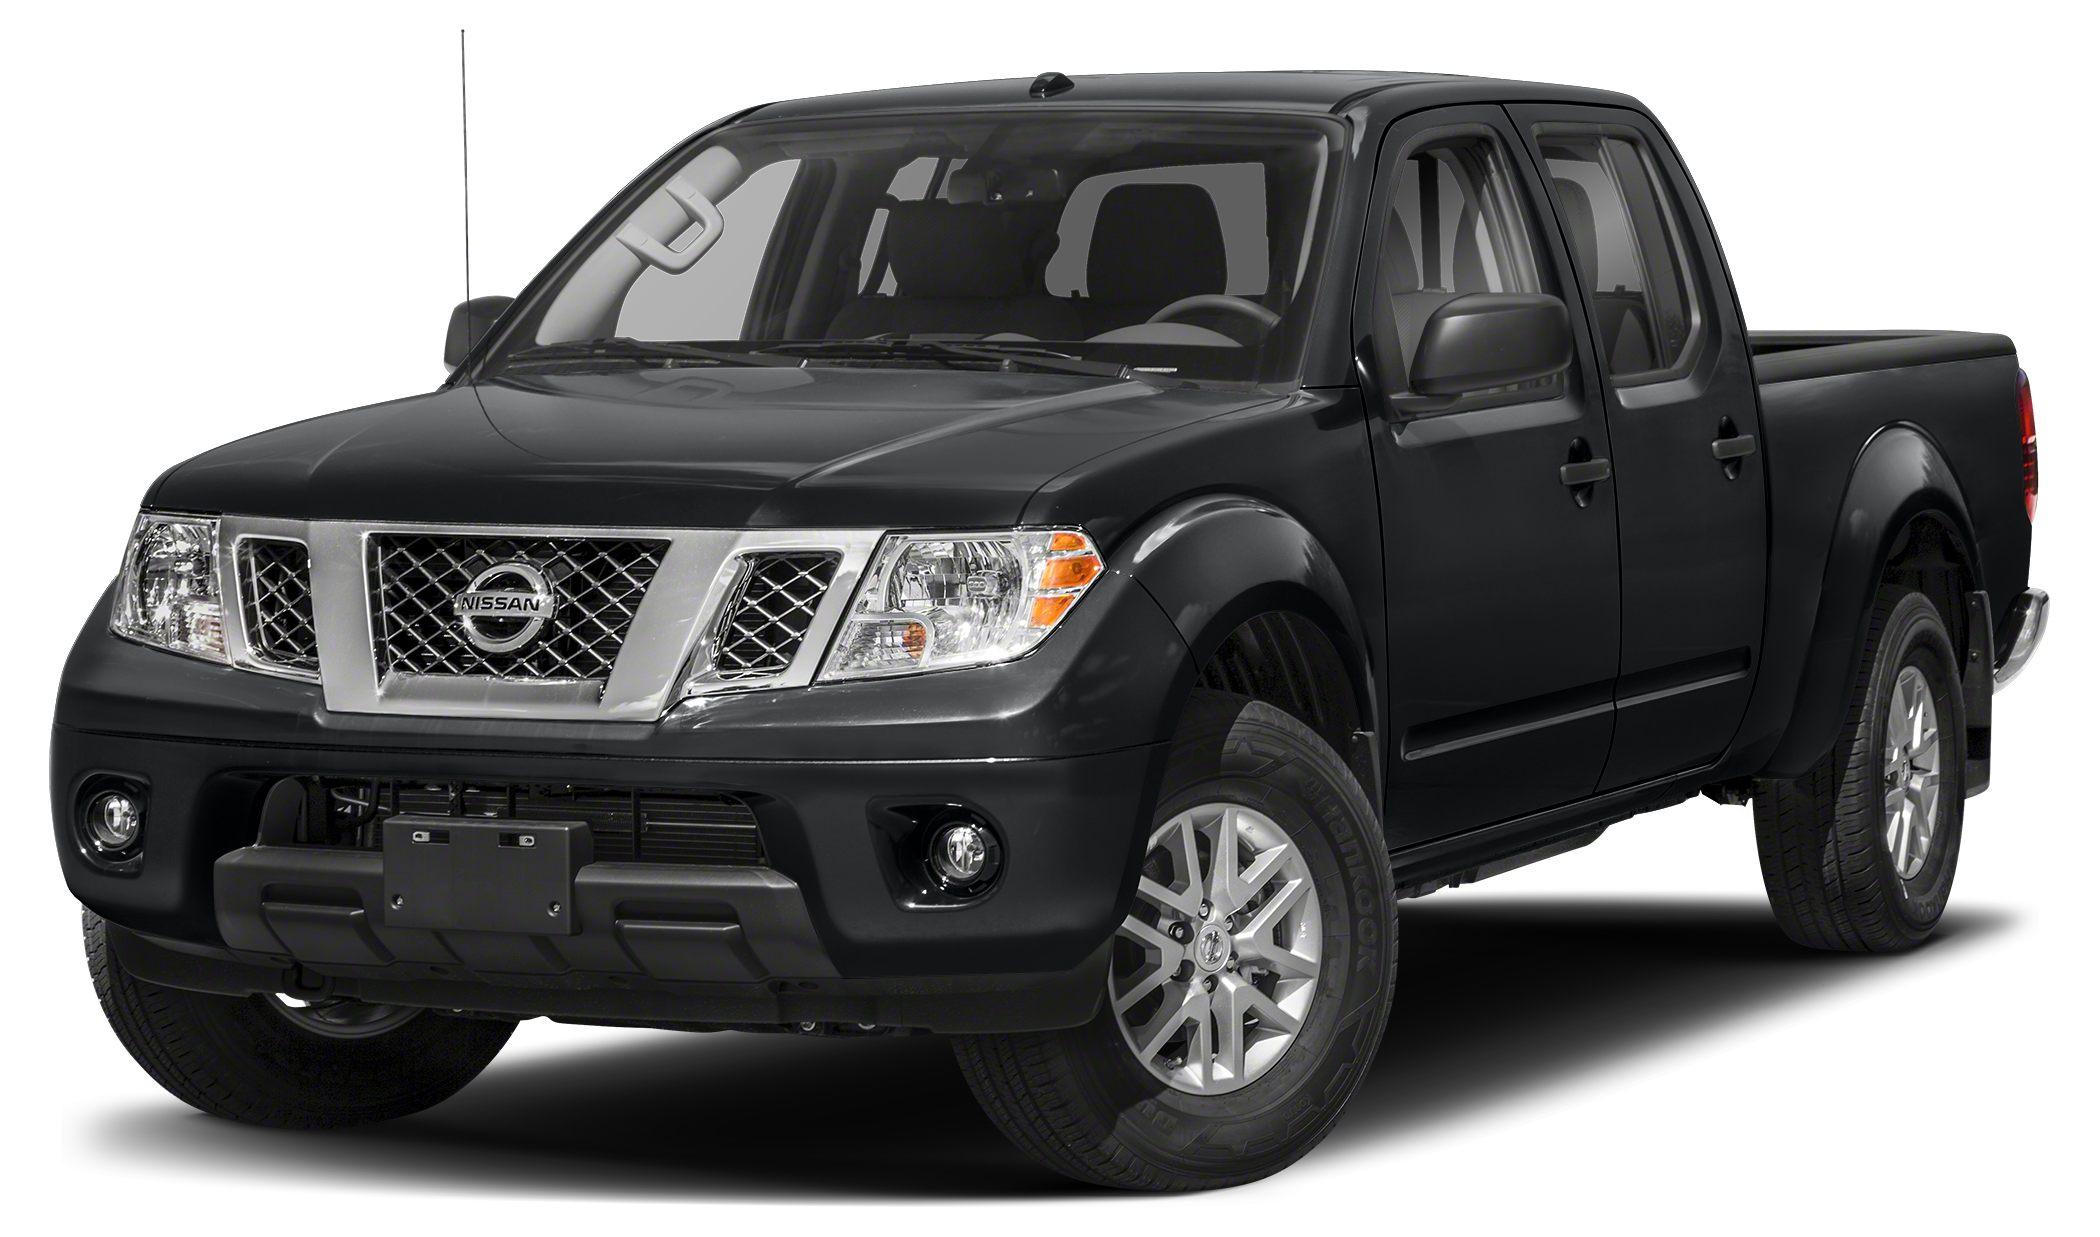 2018 Nissan Frontier SV Miles 9Color Magnetic Black Stock 7180496 VIN 1N6AD0ER3JN750252